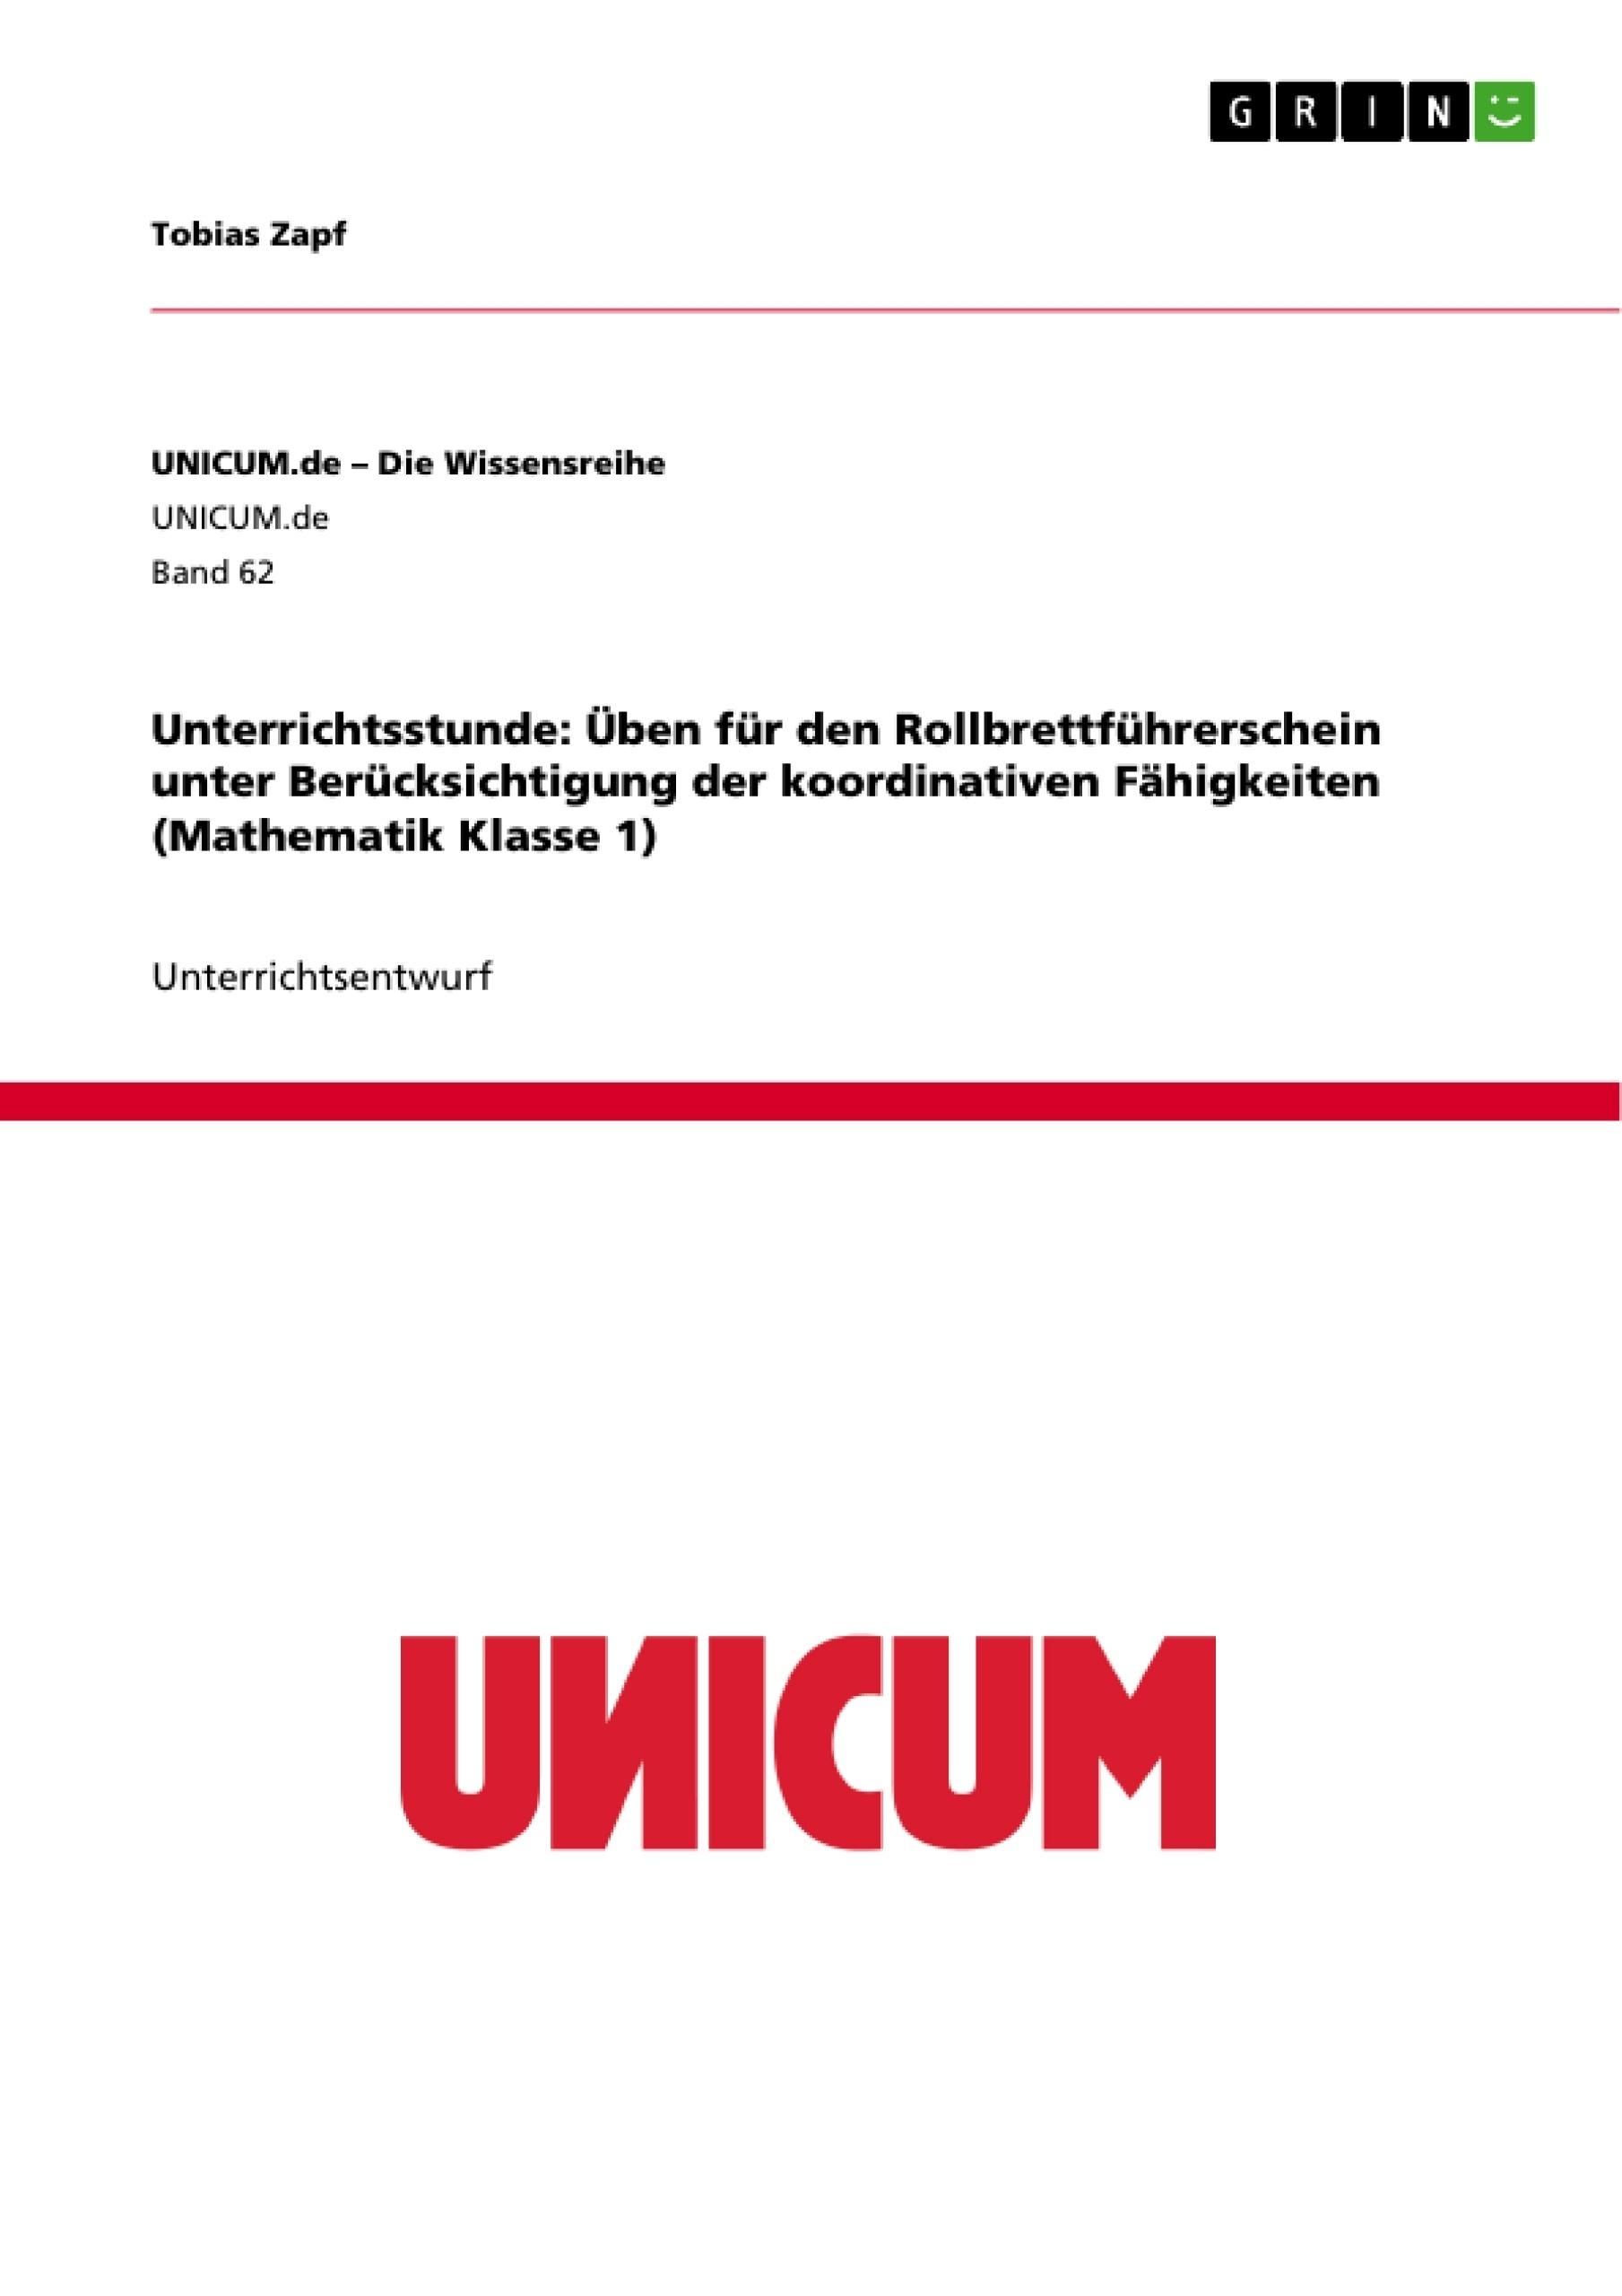 Titel: Unterrichtsstunde: Üben für den Rollbrettführerschein unter Berücksichtigung der koordinativen Fähigkeiten (Mathematik Klasse 1)